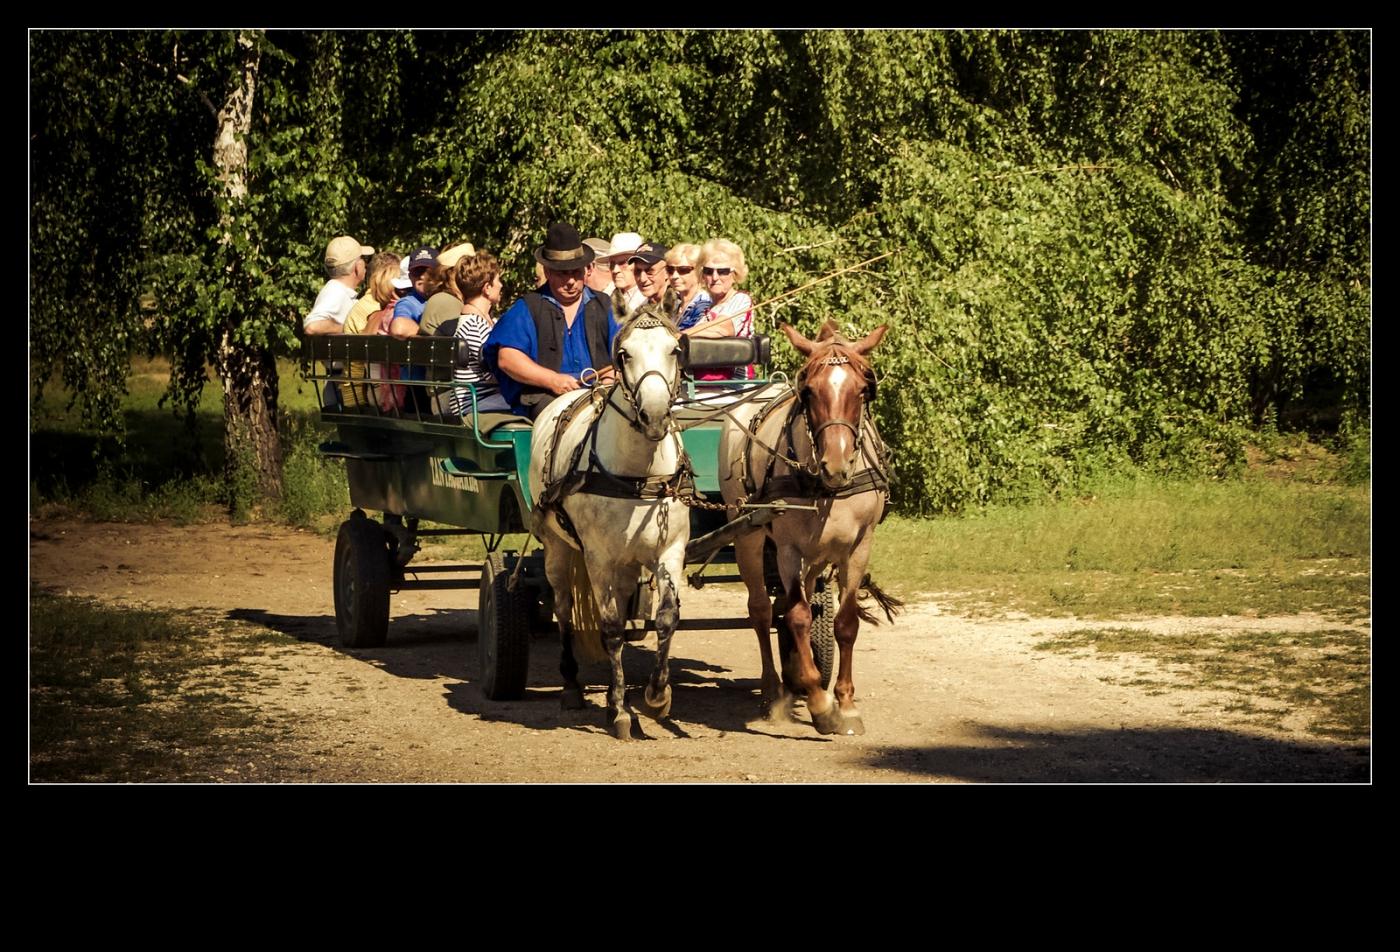 喝酒,做马车,牧场的一天_图1-8